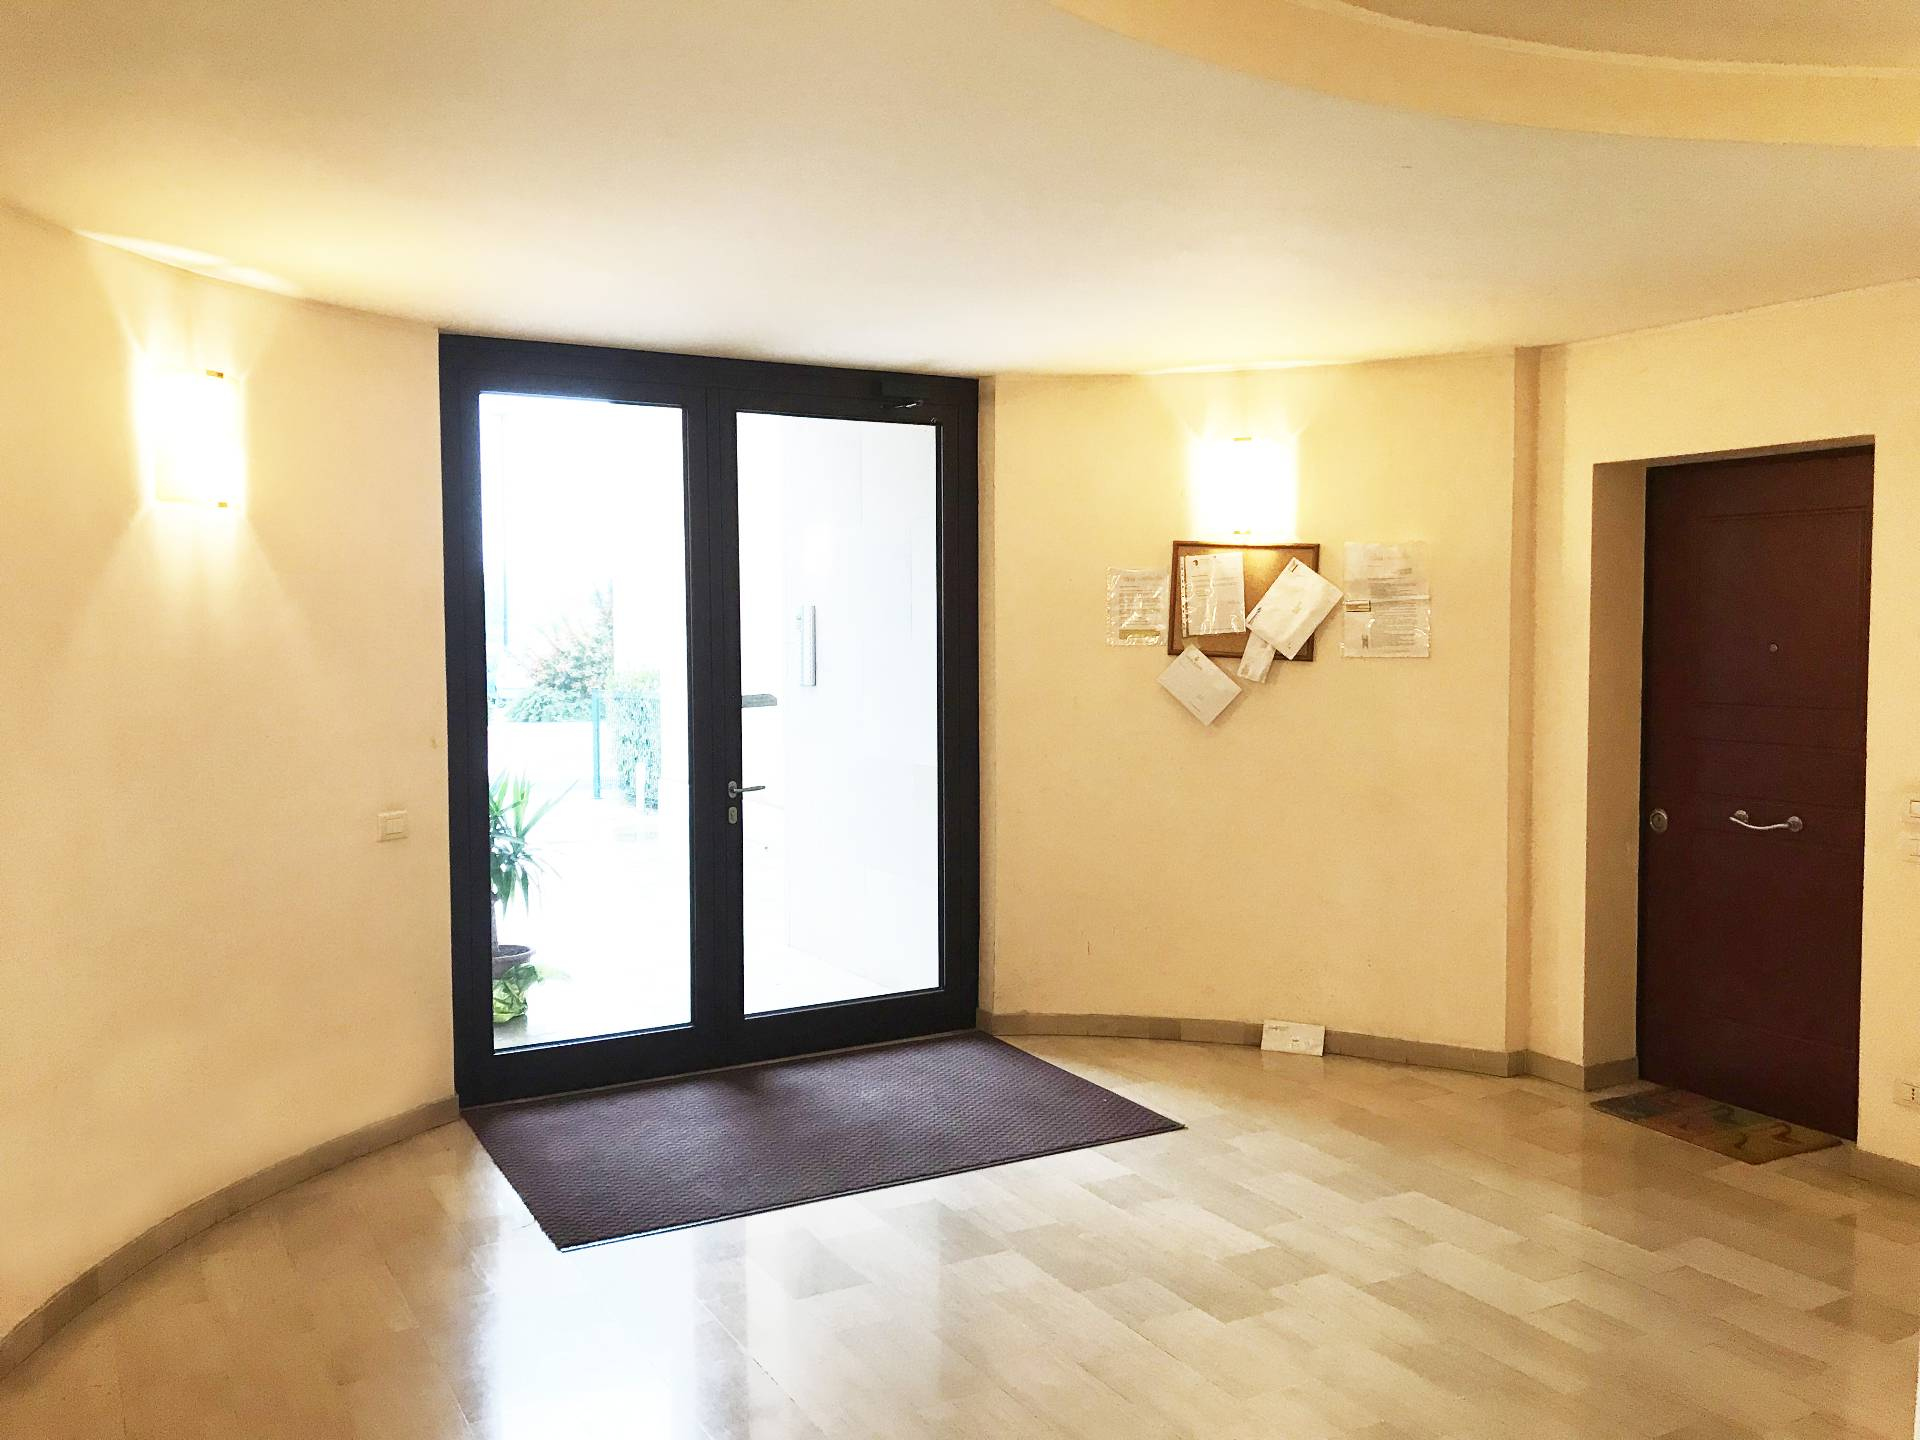 Appartamento in vendita a Paese, 4 locali, zona Località: Centro, prezzo € 120.000 | PortaleAgenzieImmobiliari.it